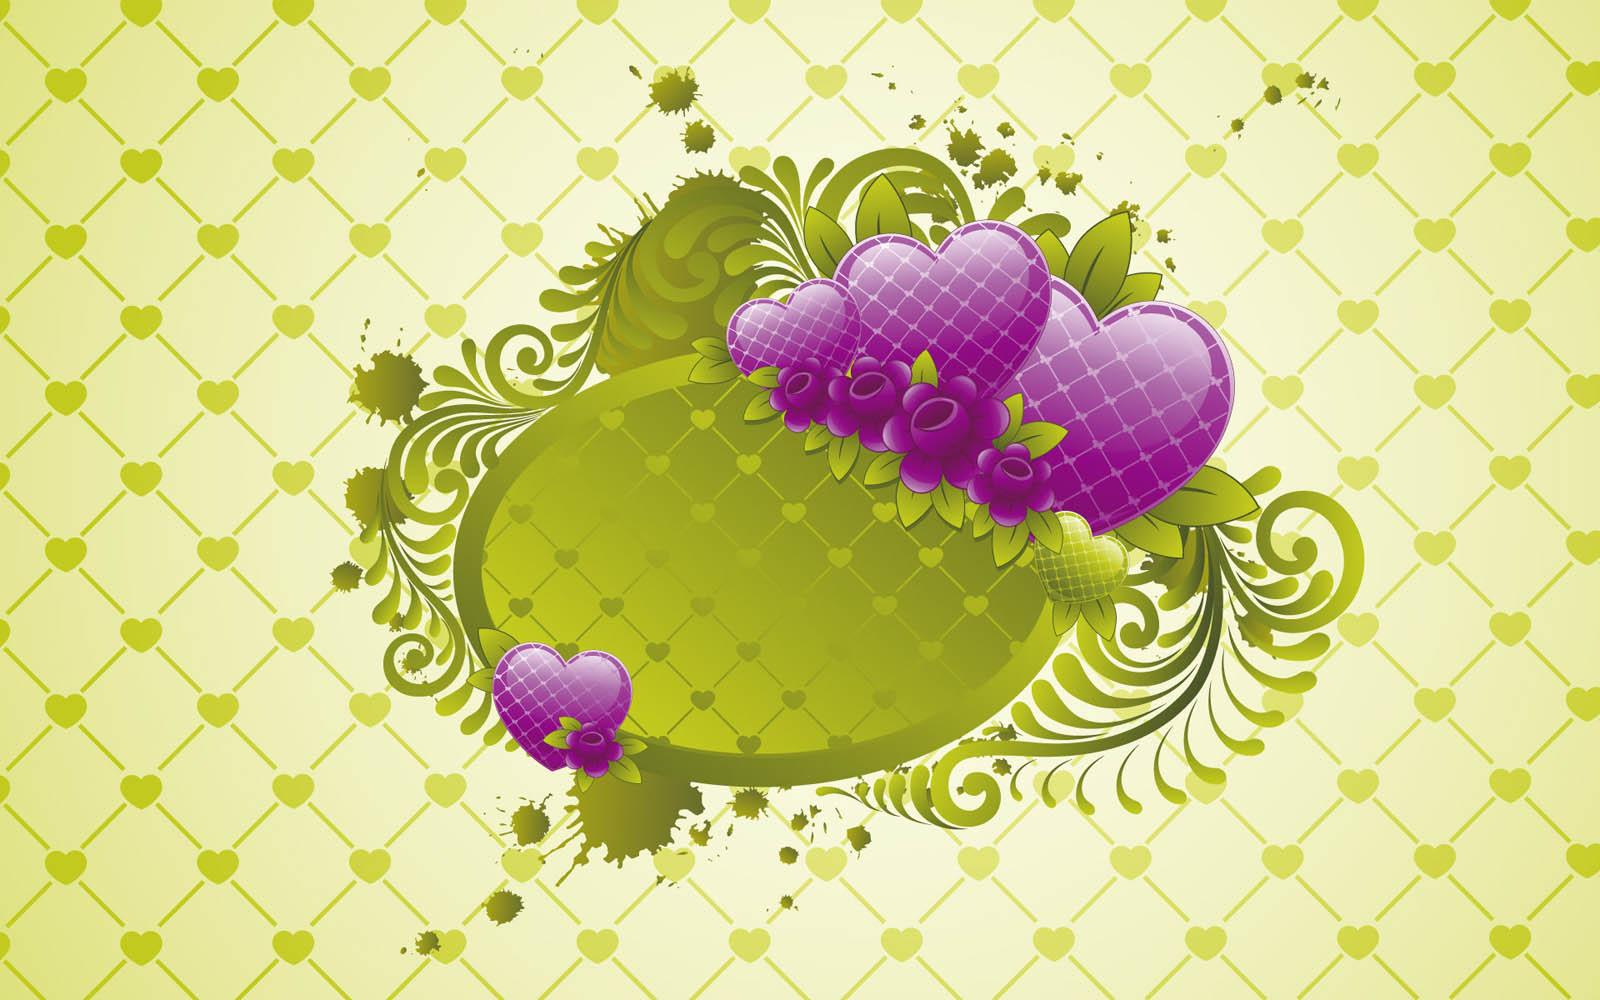 Wallpaper simbol love yang keren - Love wallpaper photo gallery ...